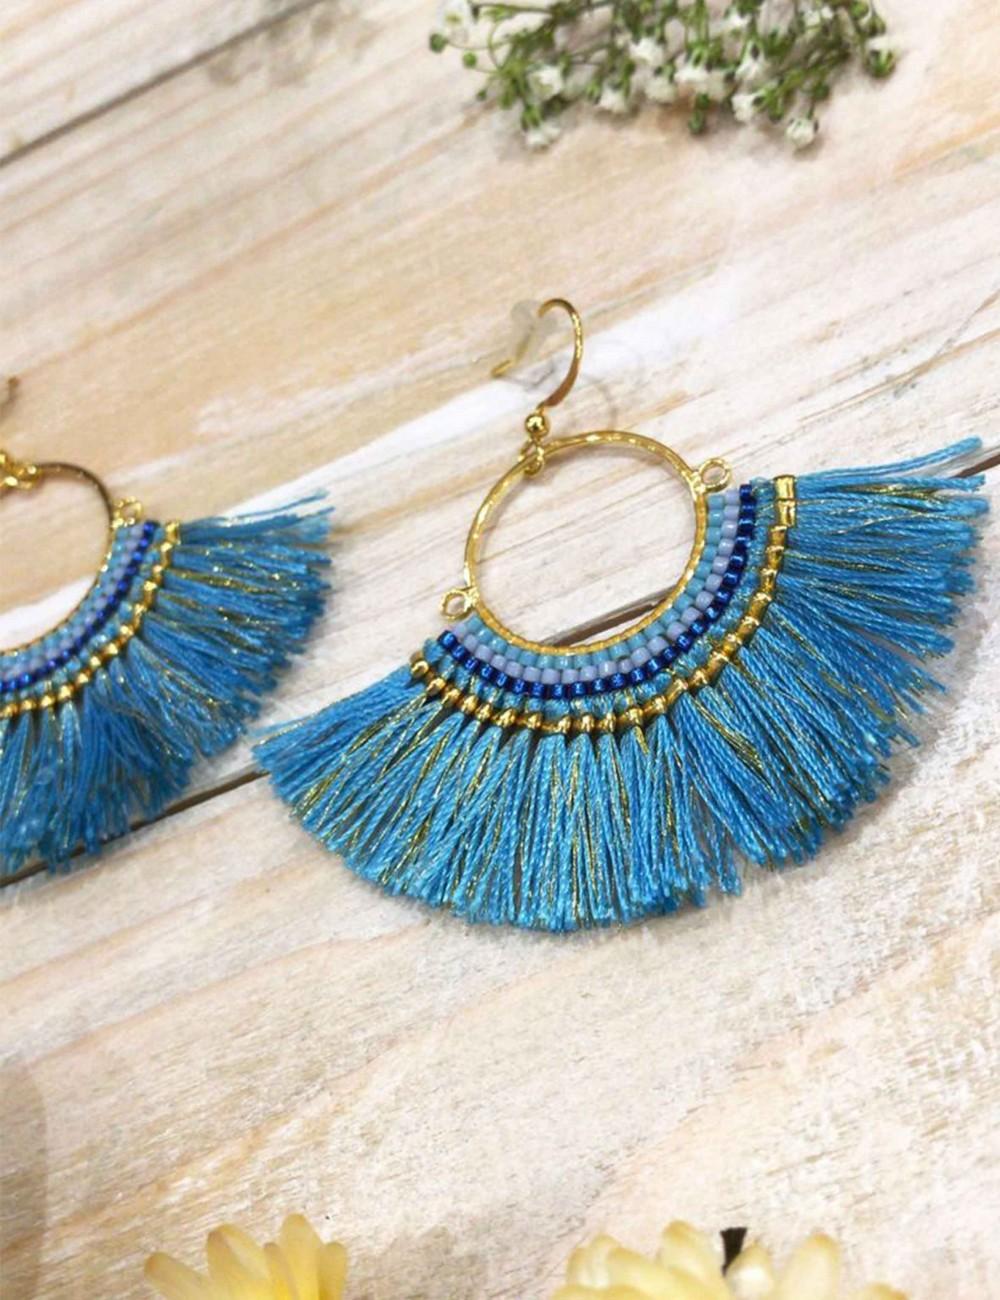 Boucles d'oreilles bleues à franges colorées - Boutique l'ananas